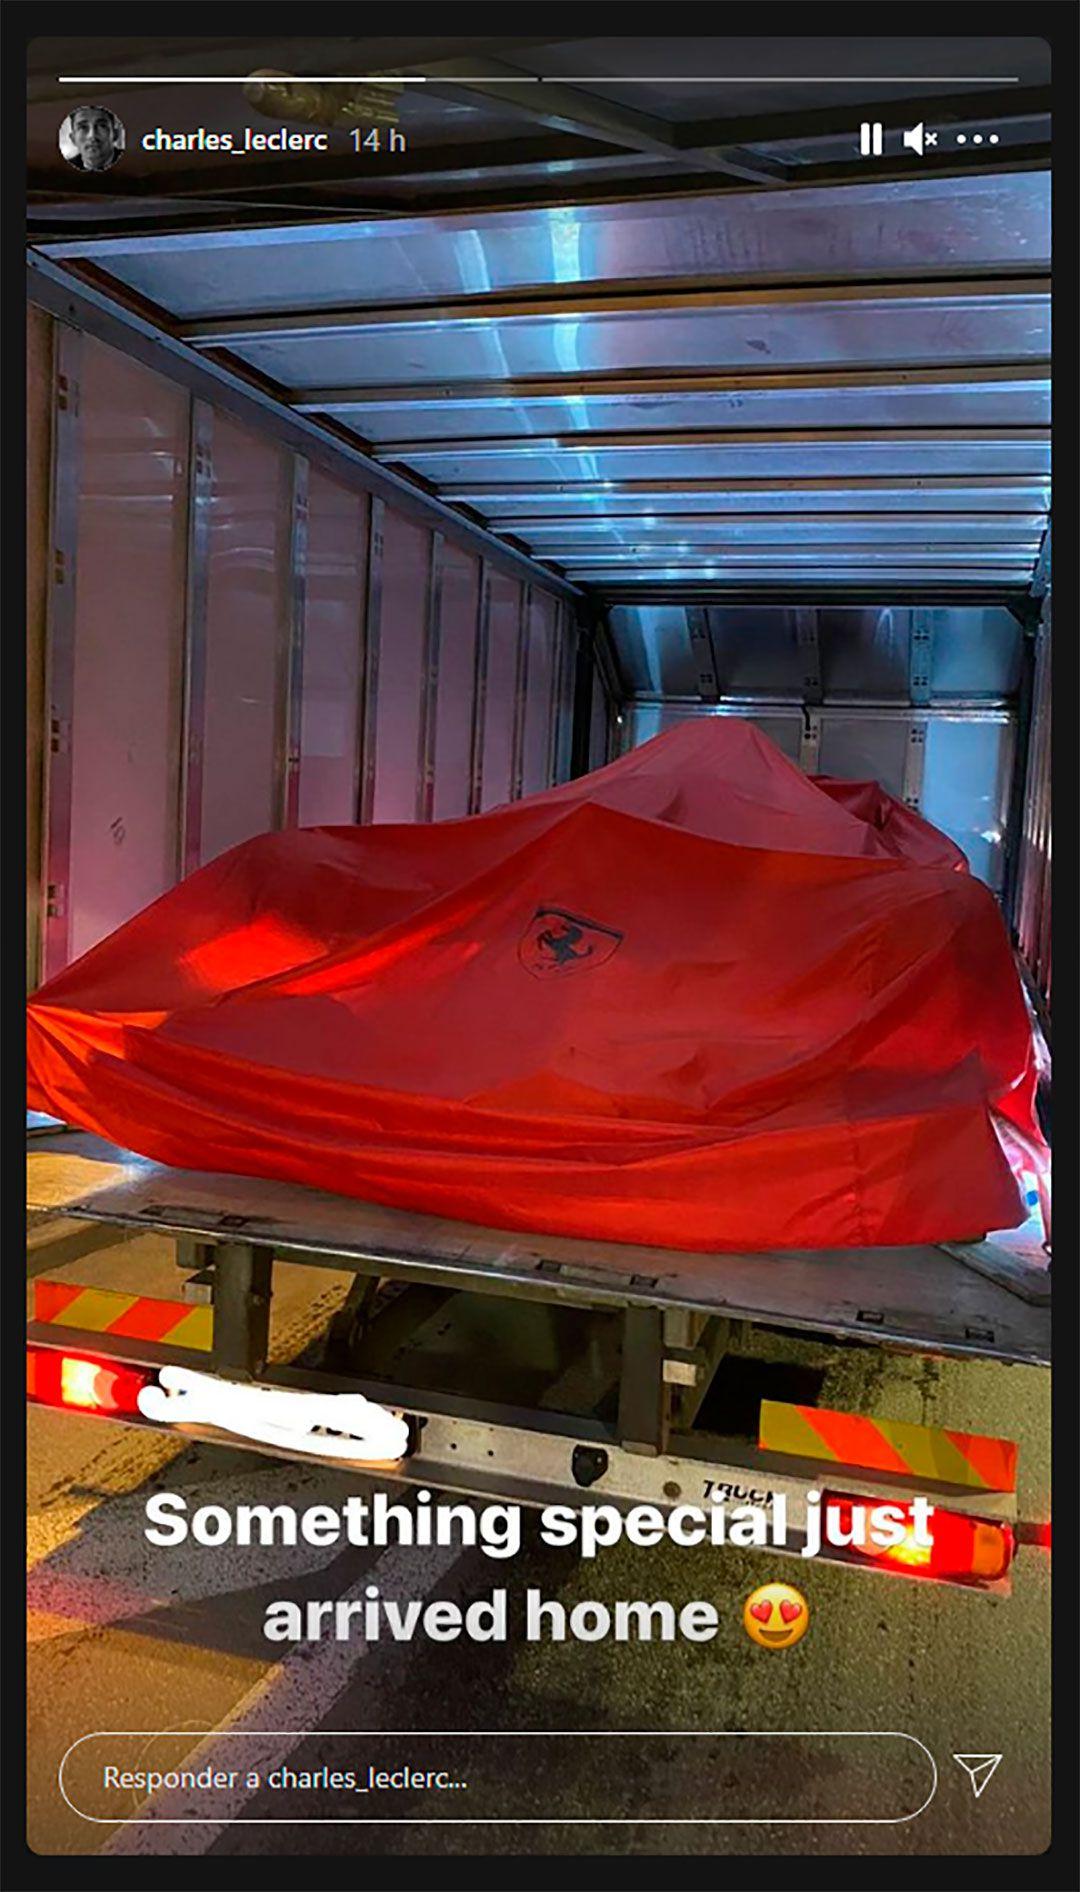 Regalo de Ferrari a Charles Leclerc